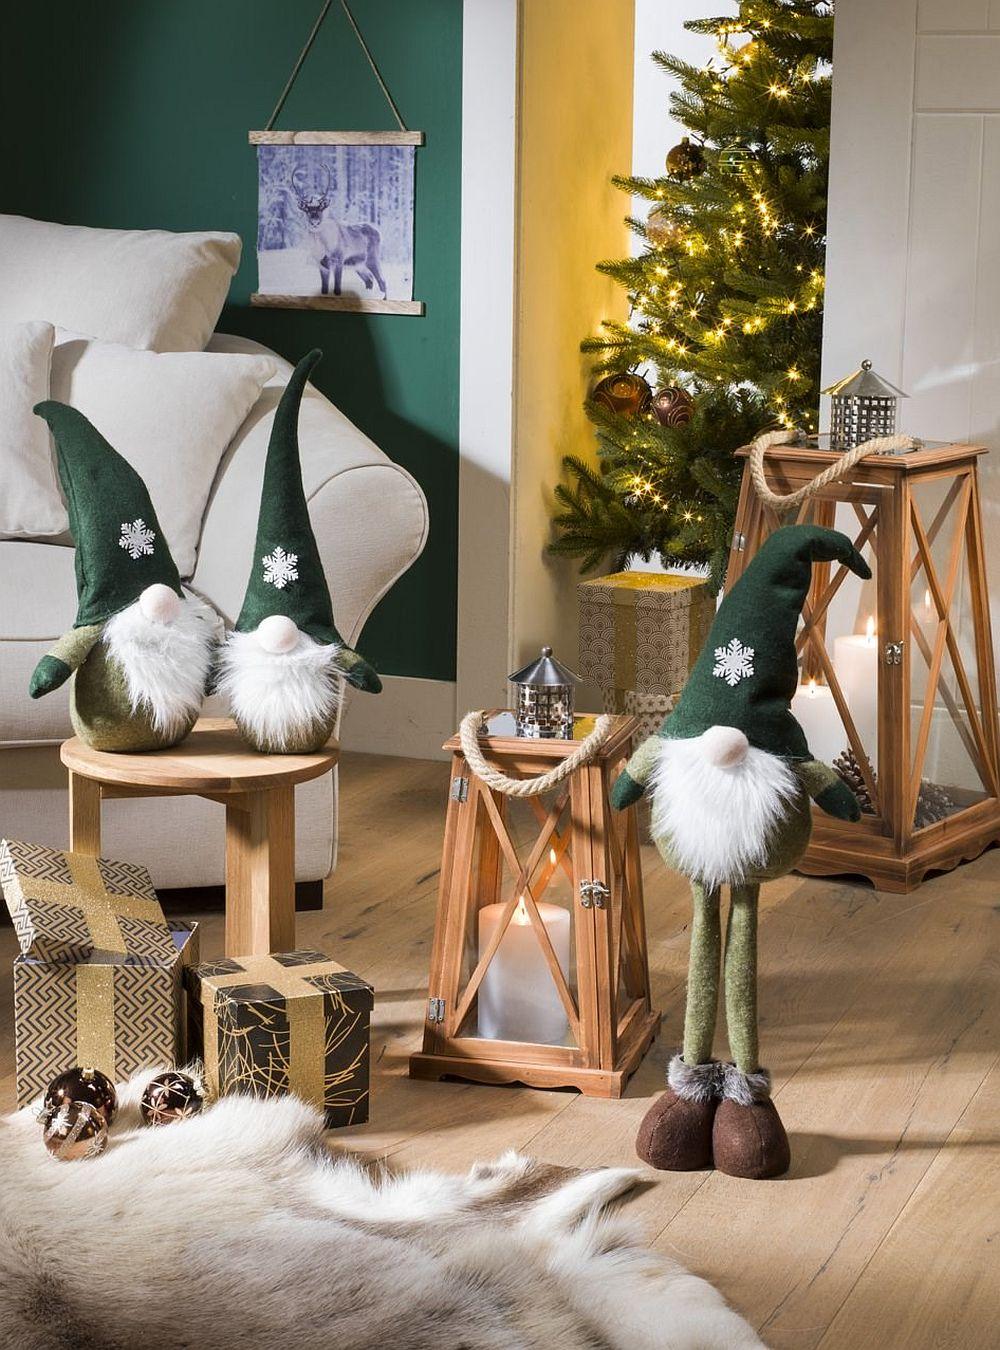 Felinarele pe care le găsești de Crăciun pot fi foloste tot timpul anului. Vezi decorațiuni de Crăciun, inclusiv simpaticii moși AICI.